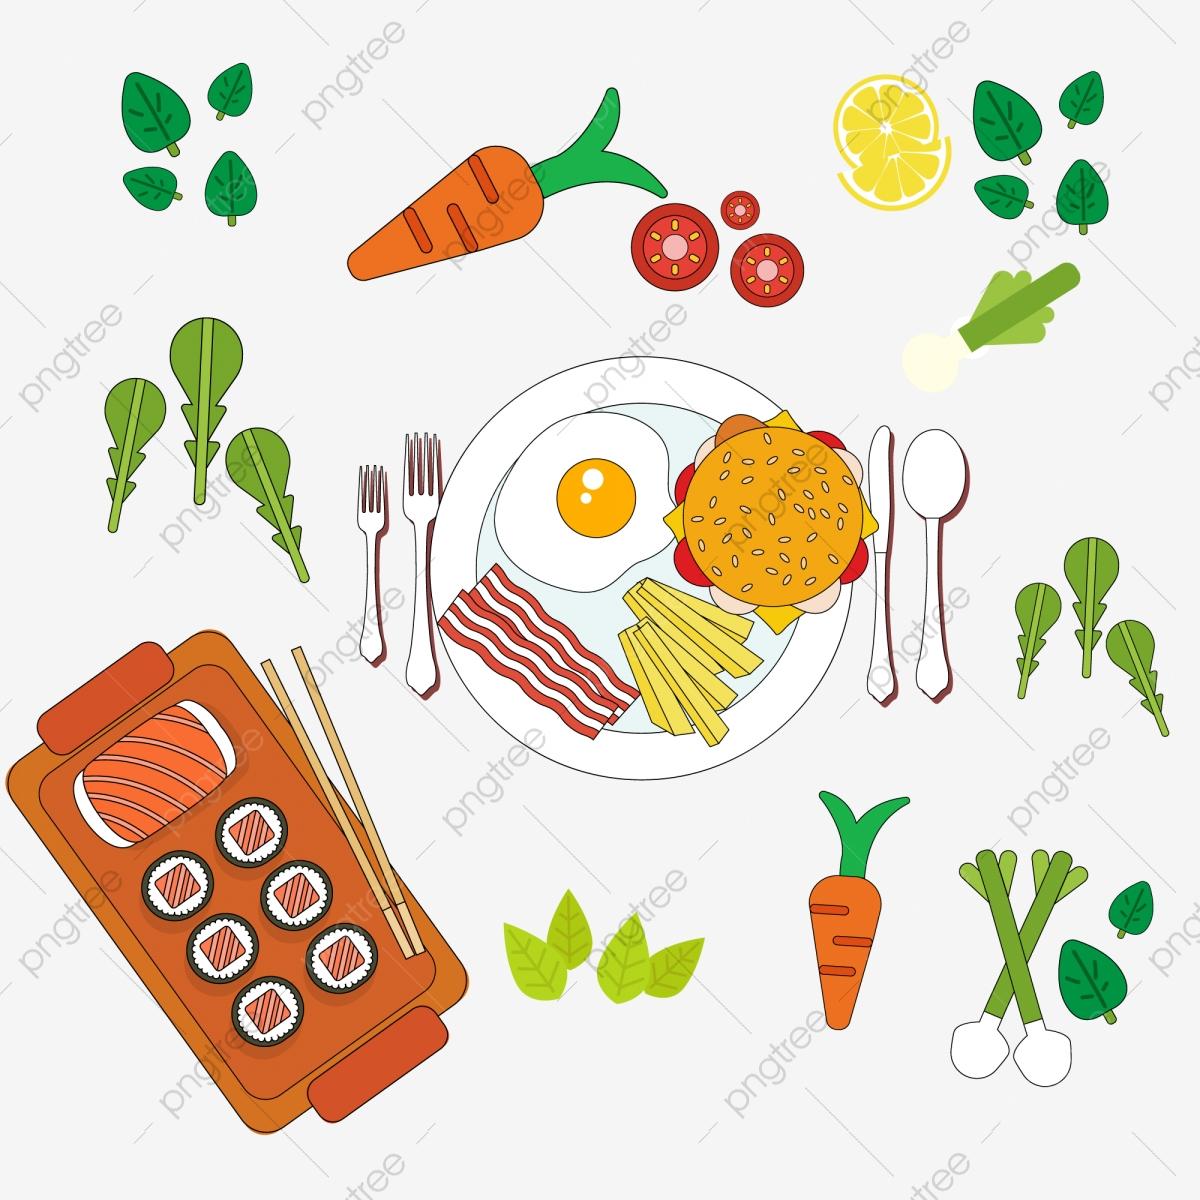 無料ダウンロードのための食品分類 食べ物 美食 分類png画像素材